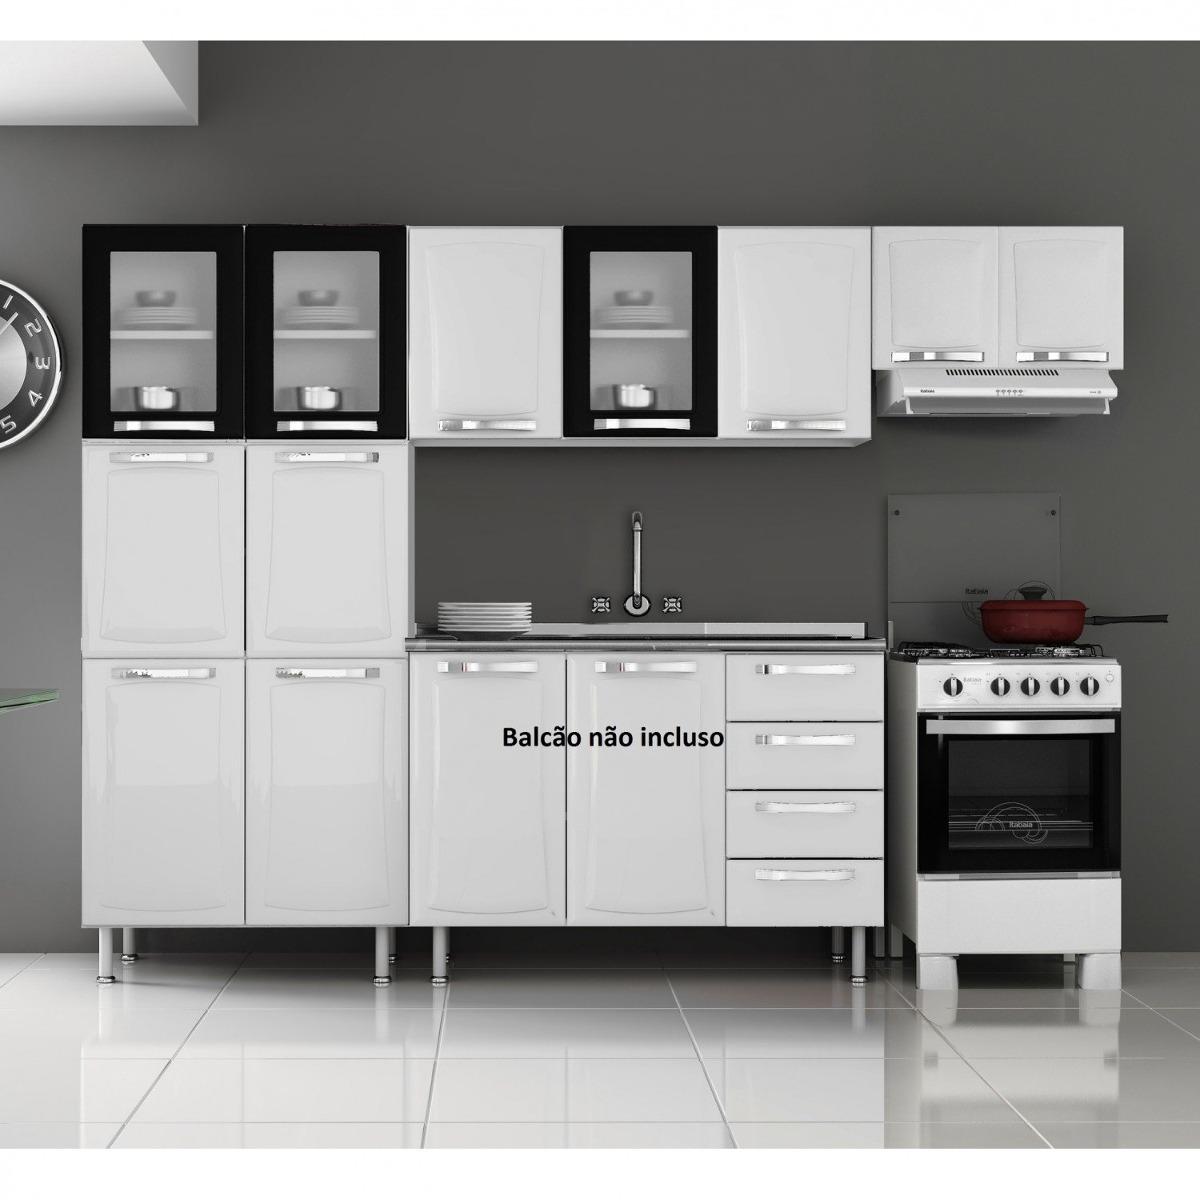 Cozinha Compacta 3 Pe As 3 Portas Em Vidro Itanew Fg R 1 039 90